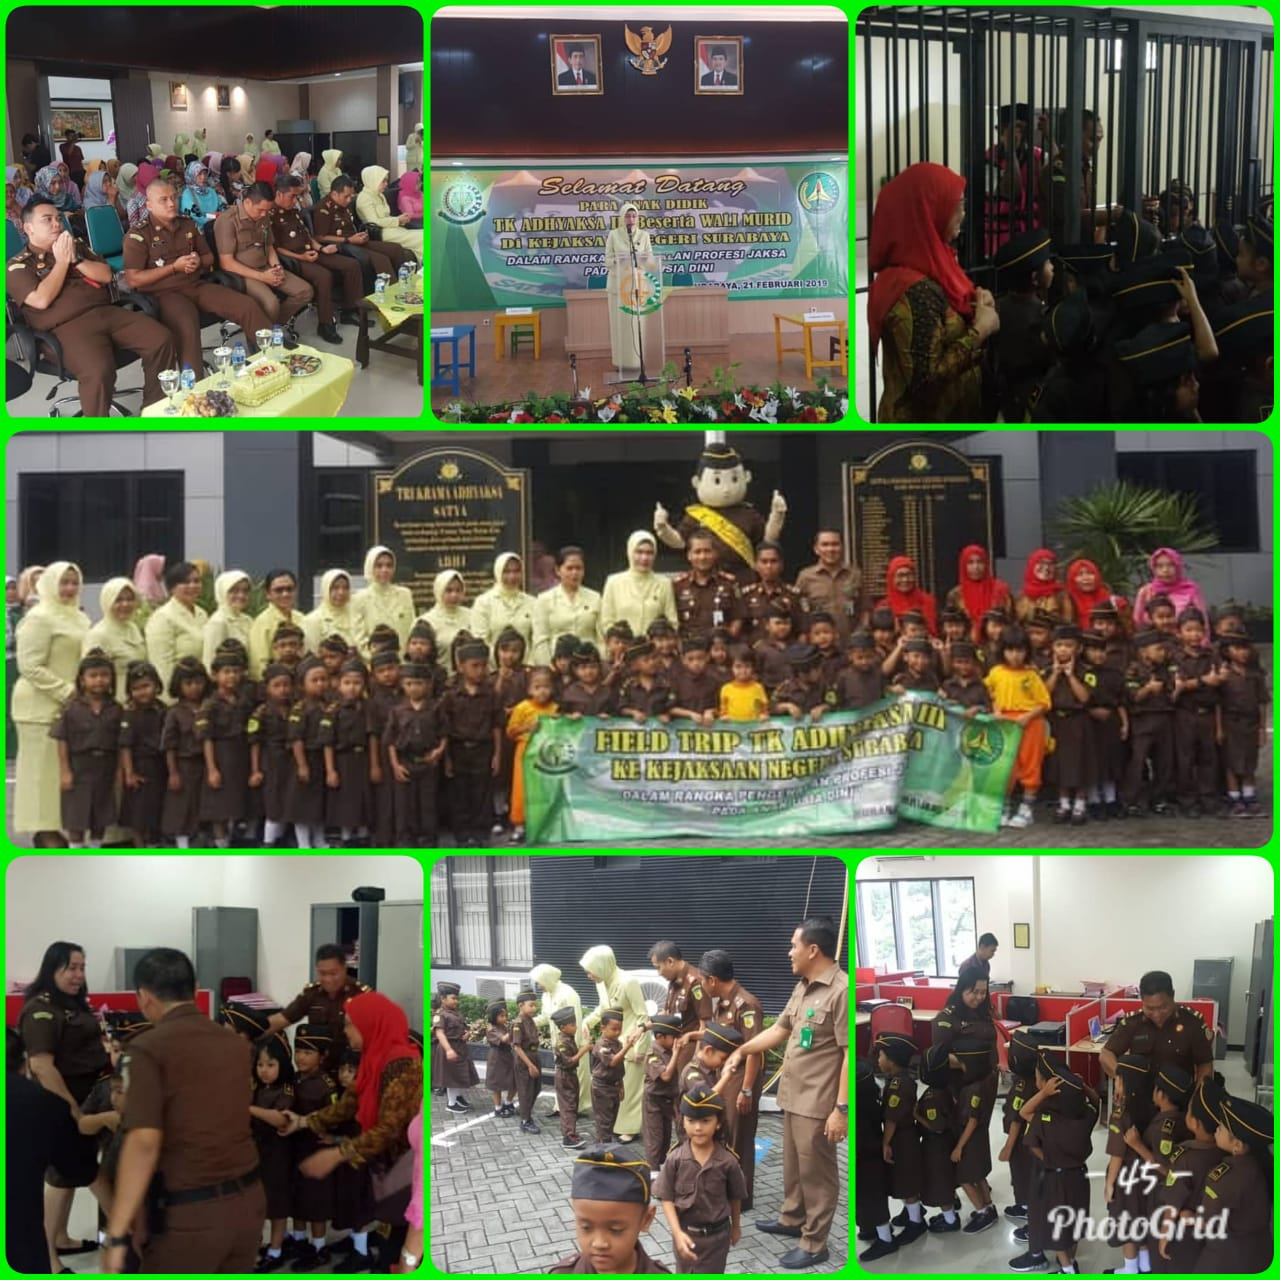 Kunjungan TK Adhyaksan 21-02-2019